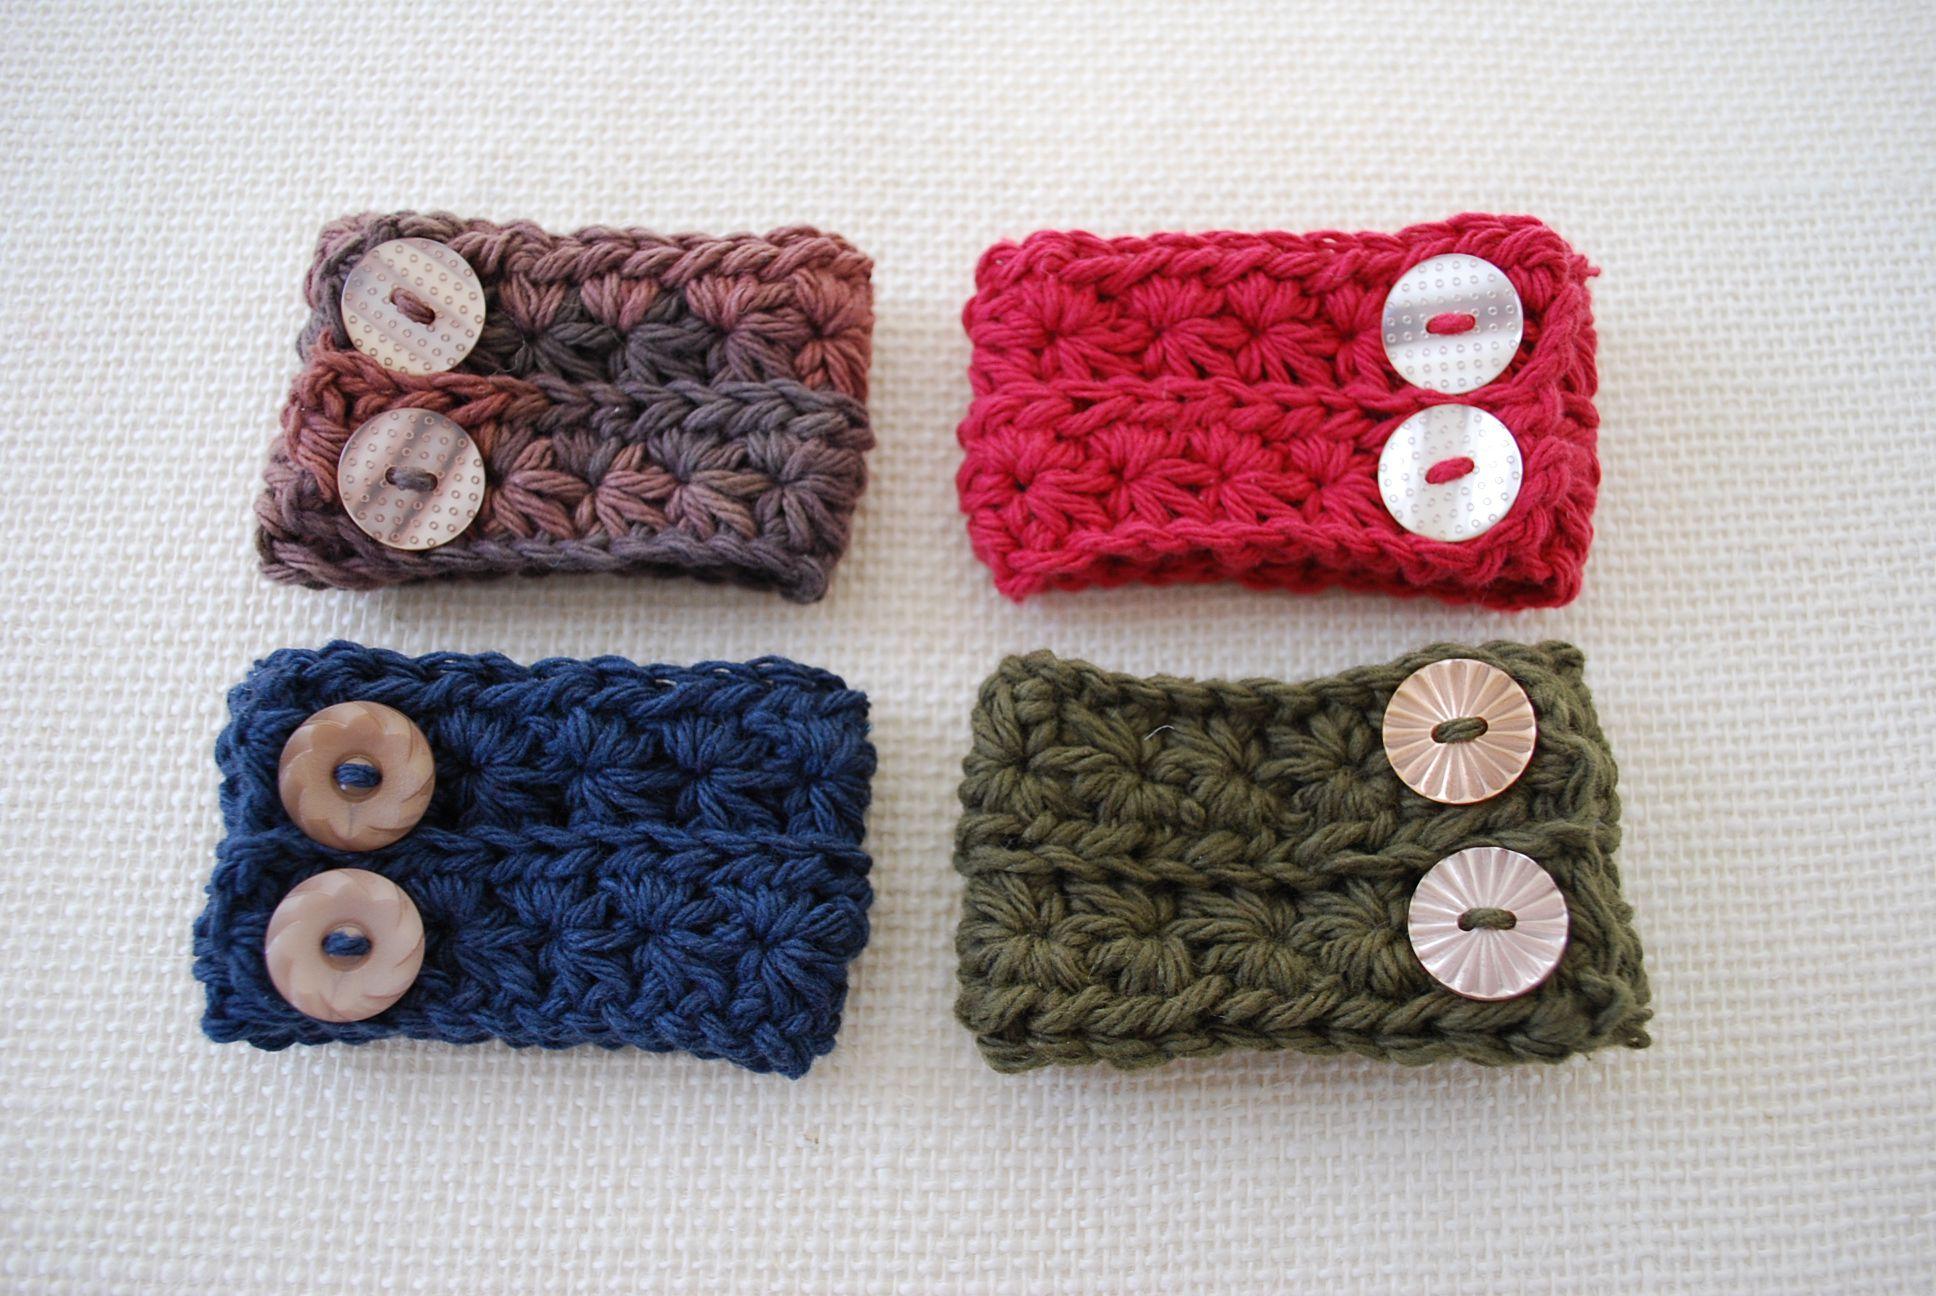 Crochet beginner projects 15 fabulous free star stitch crochet patterns beginner crochet bankloansurffo Gallery